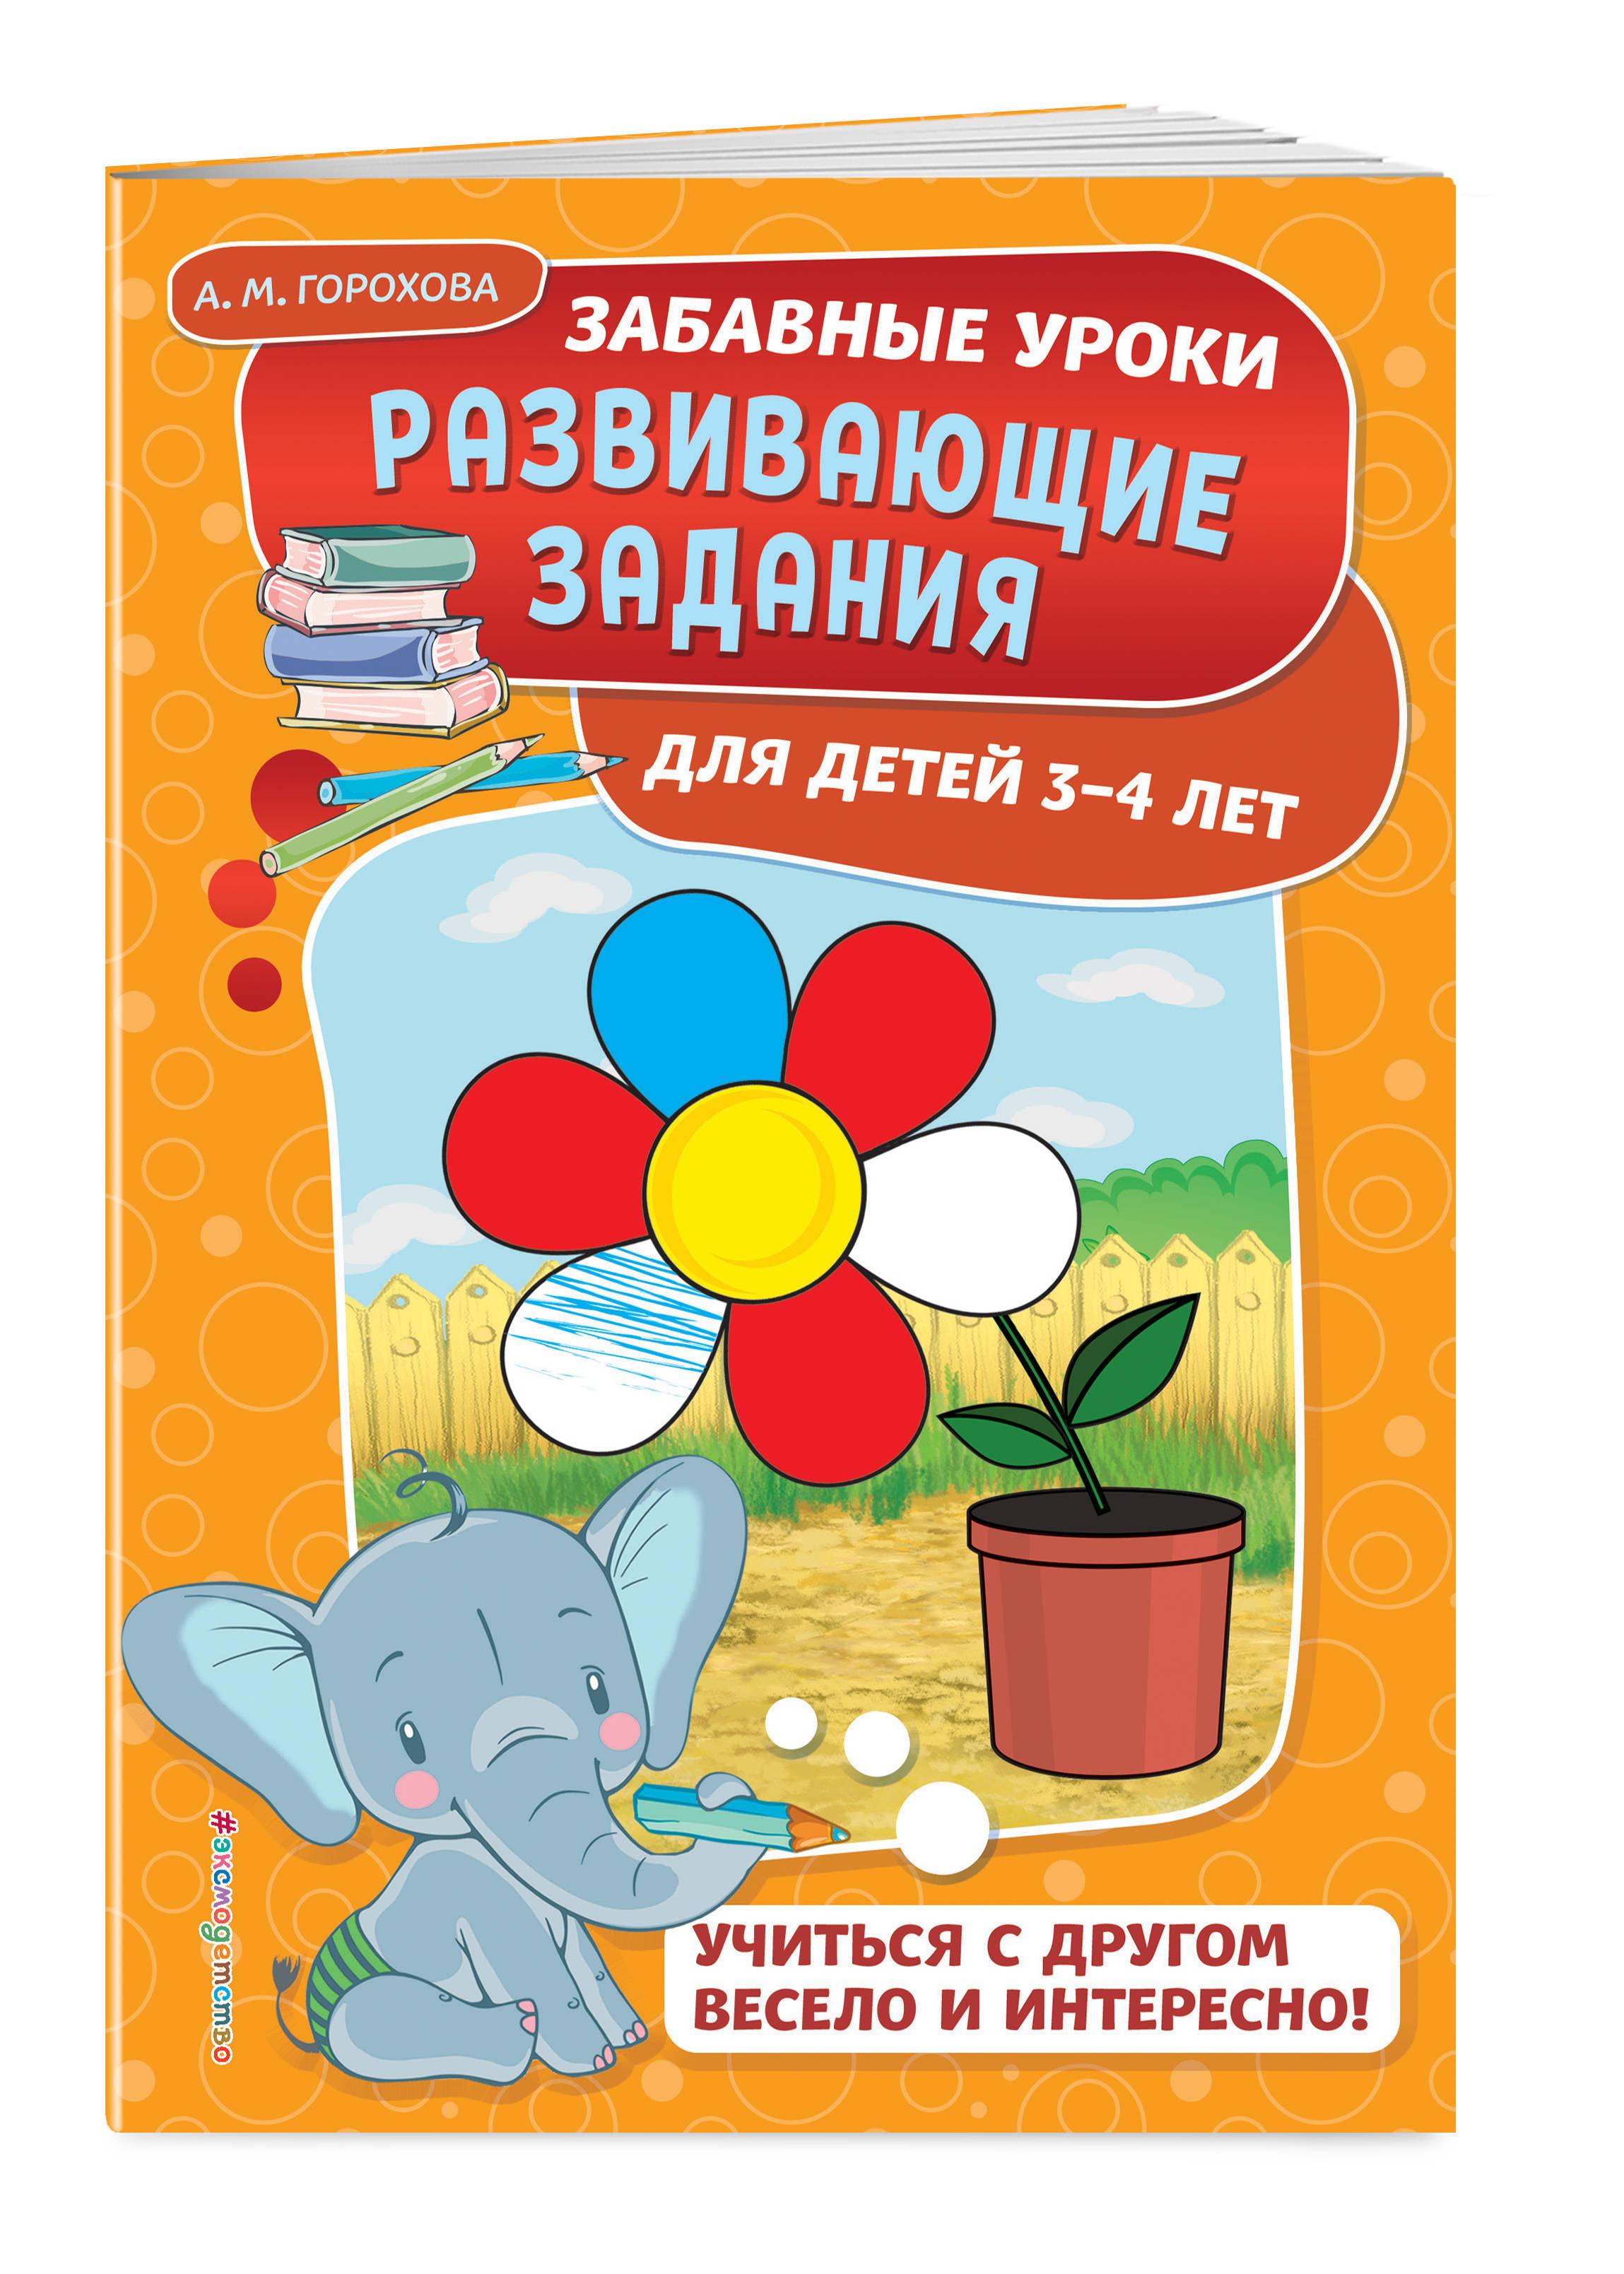 А. М. Горохова Развивающие задания: для детей 3-4 лет